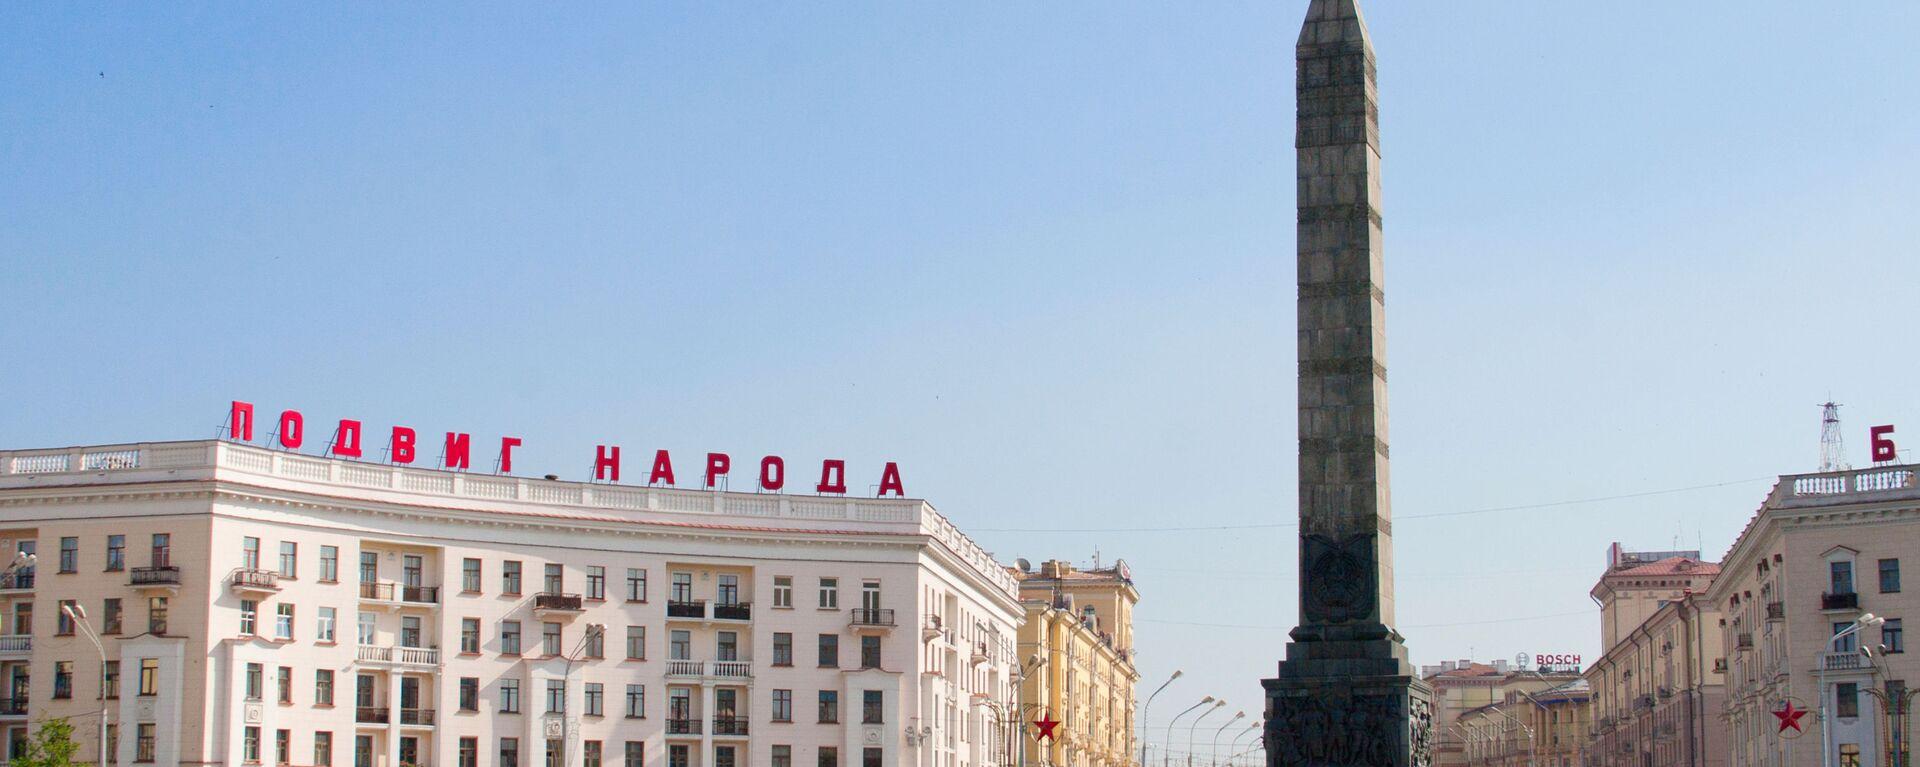 Náměstí v Minsku - Sputnik Česká republika, 1920, 27.05.2021